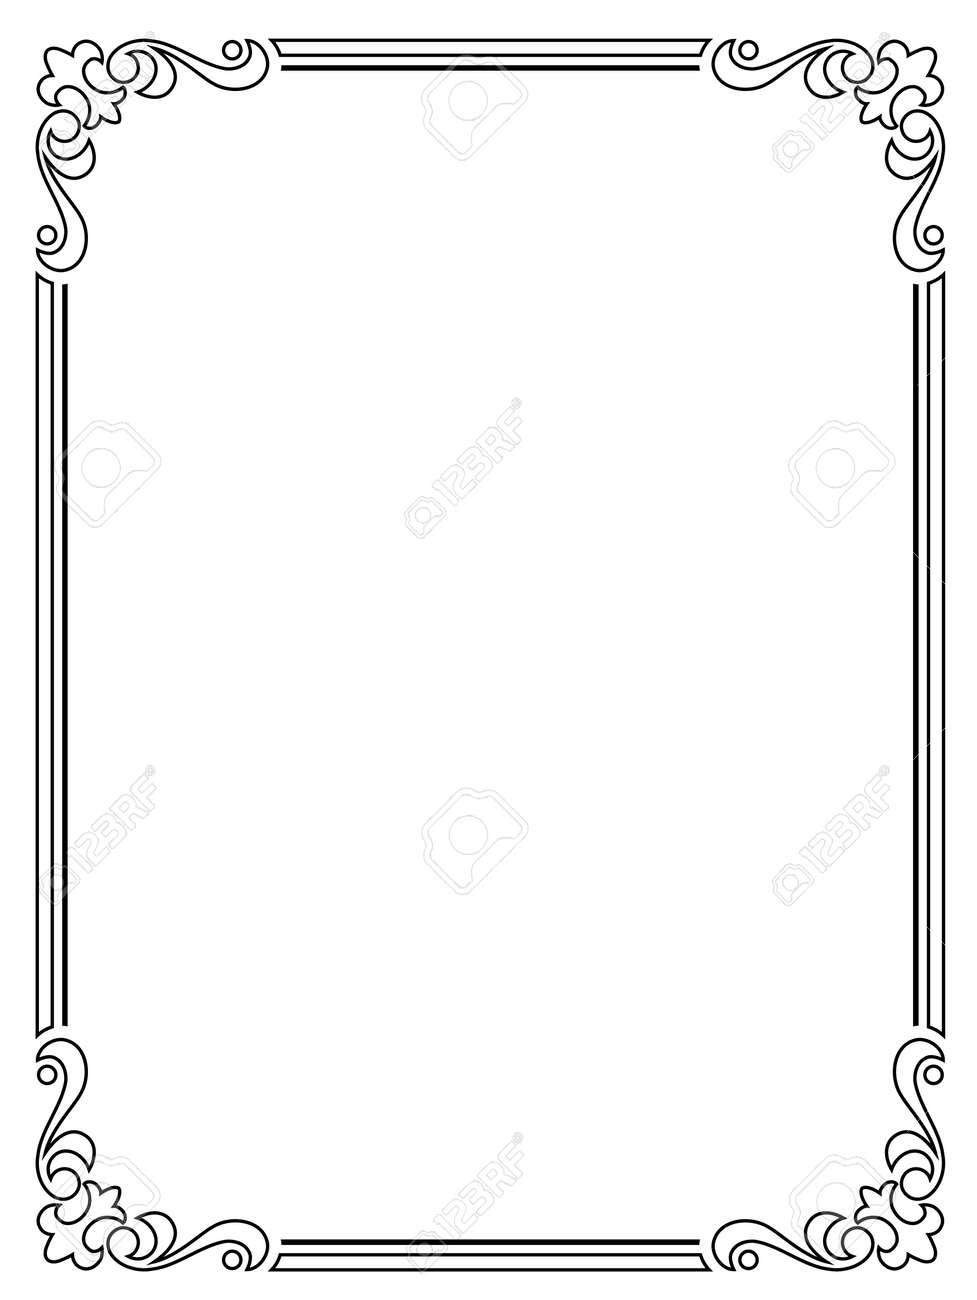 Caligrafía Caligrafía Barroca Marco Negro Rizado Aislado ...